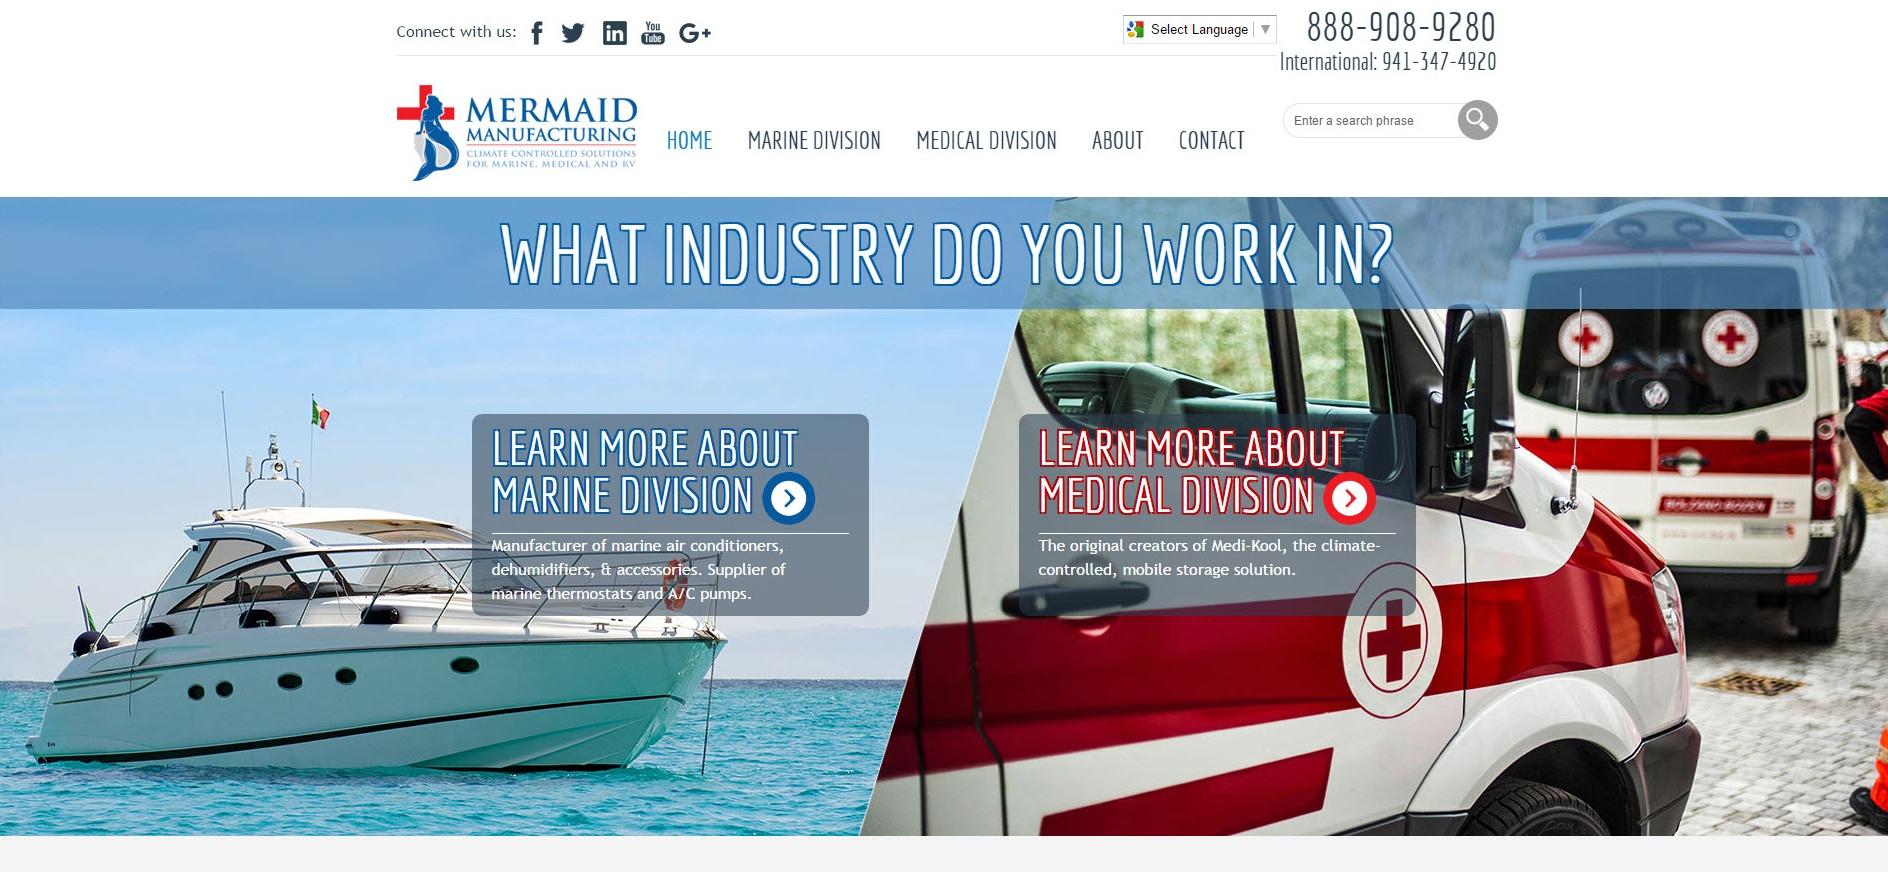 mermaid-manufacturing-website-redesign-thumb.jpg